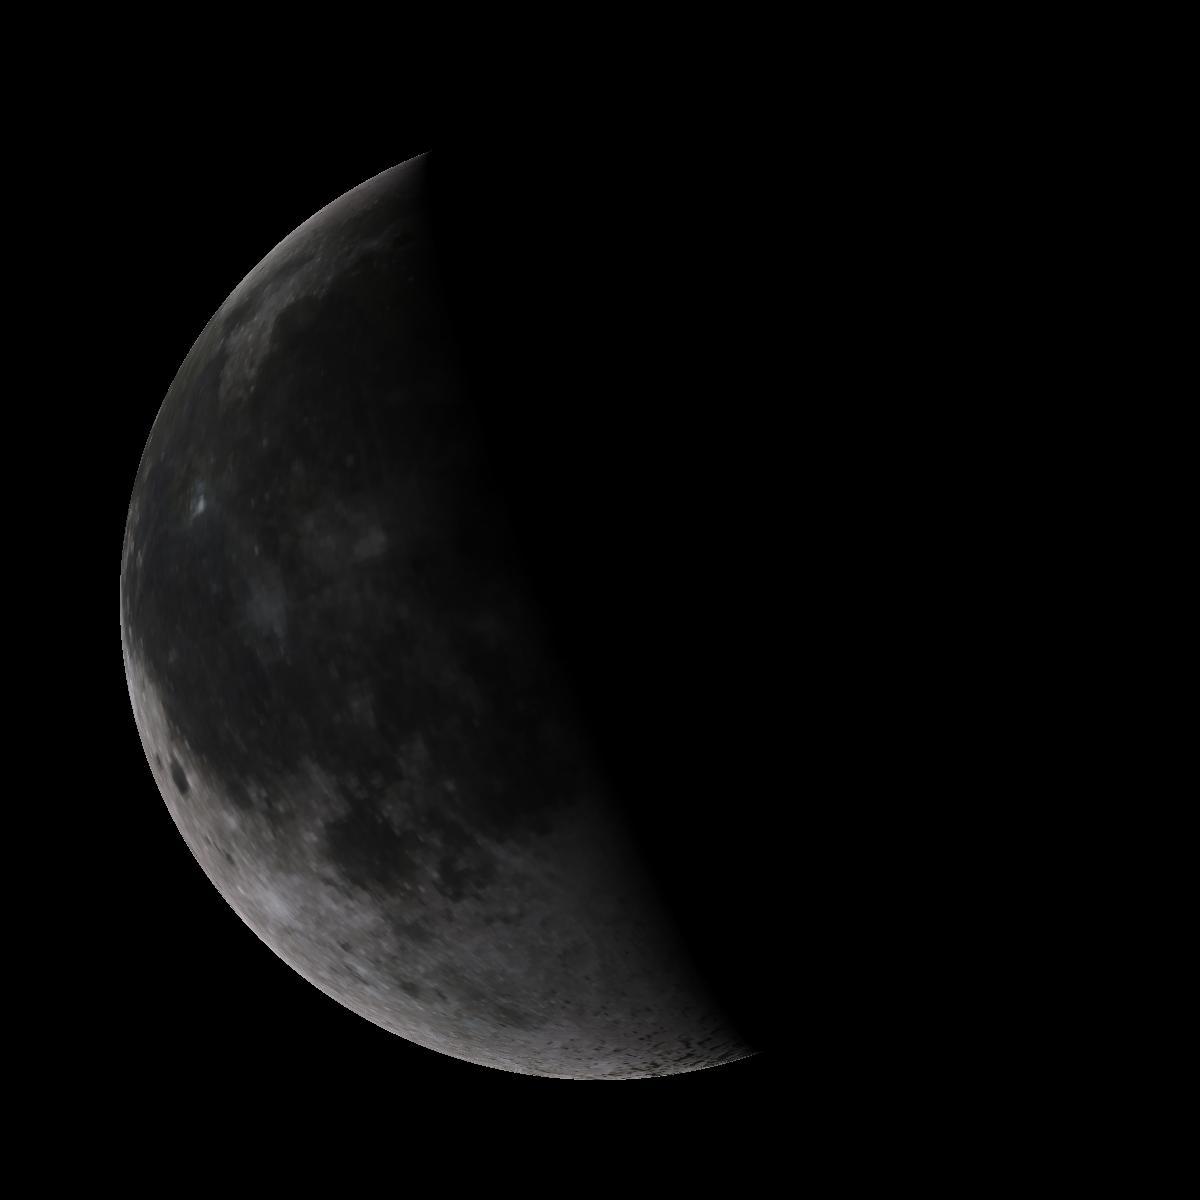 Lune du 18 janvier 2020